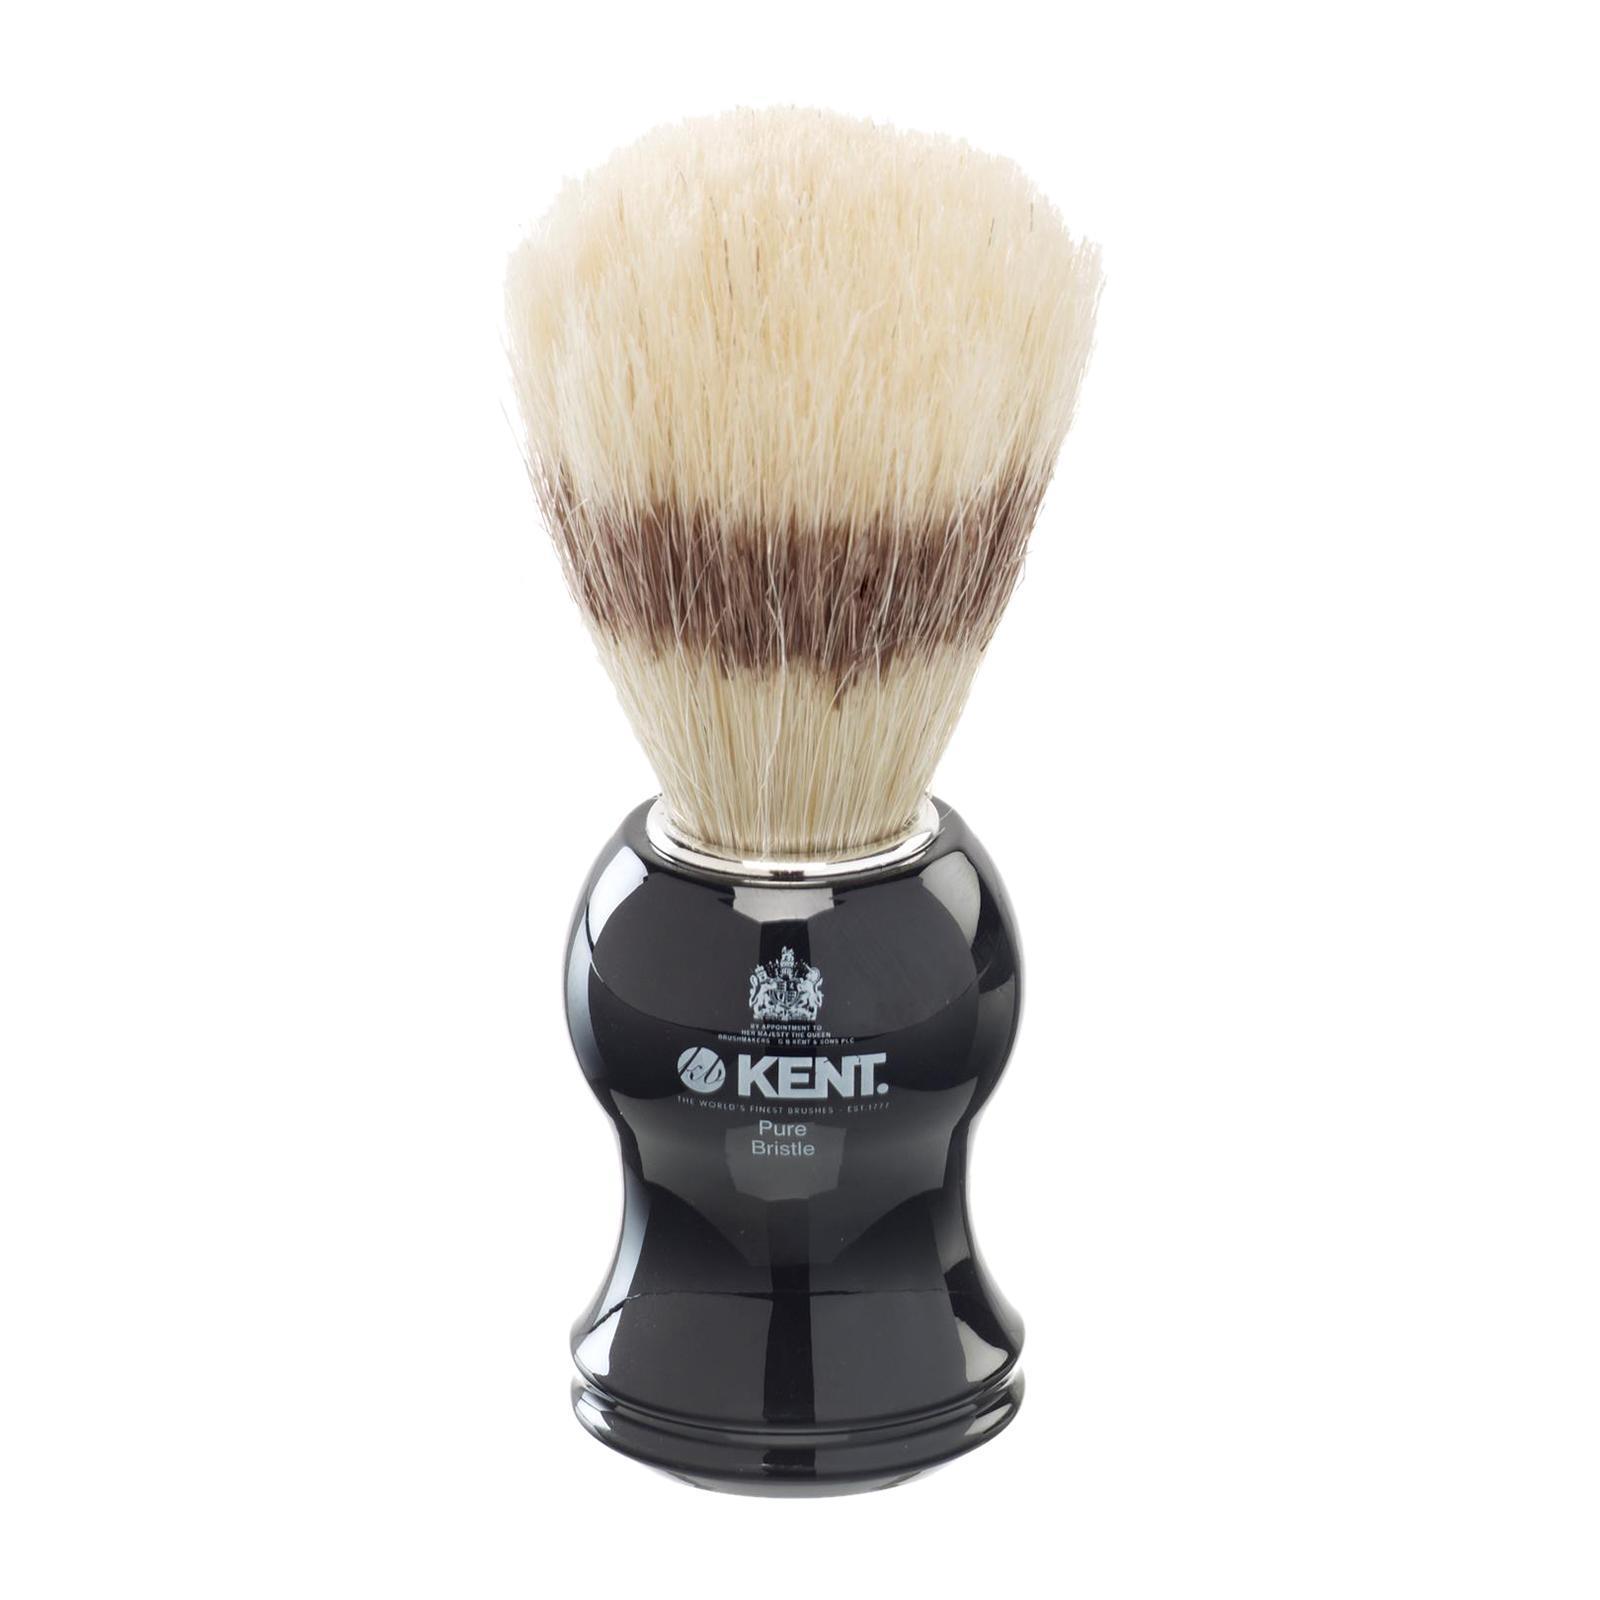 Kent Brushes Black Shaving Brush VS60